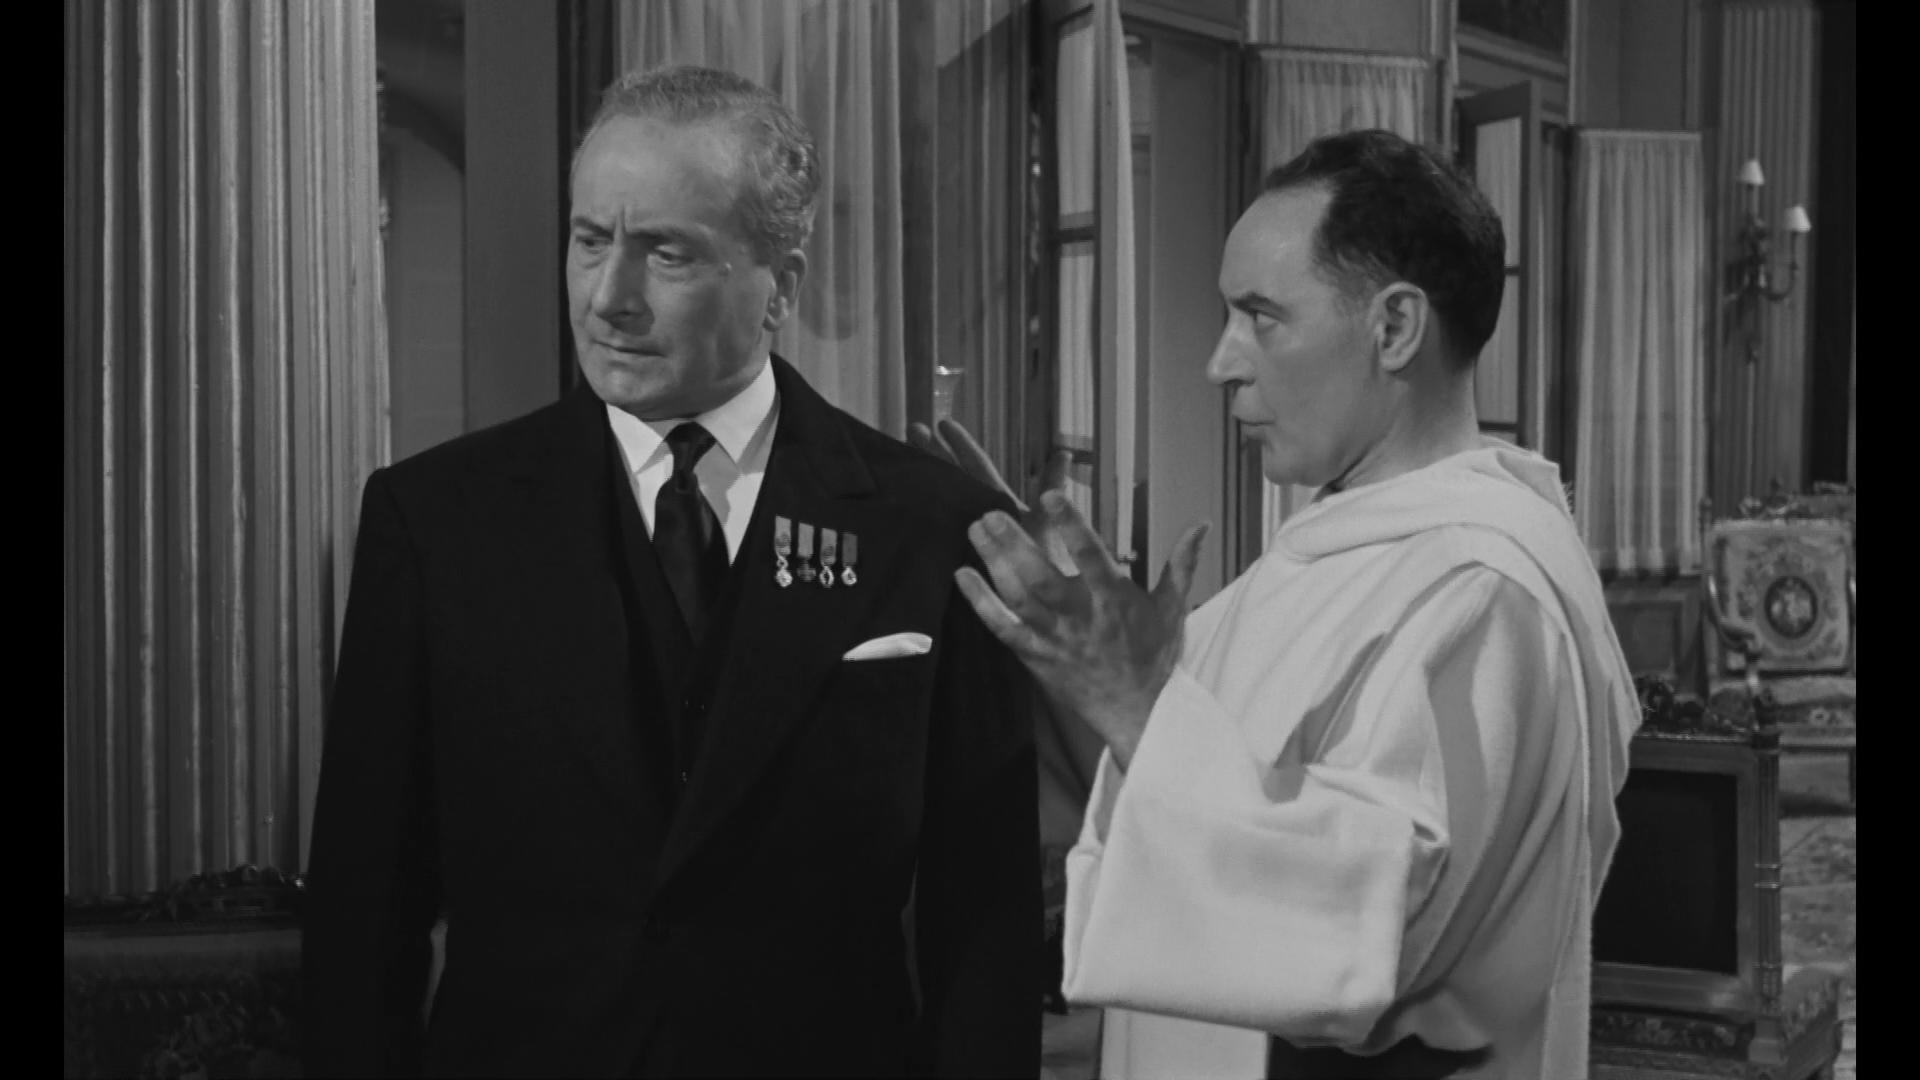 Jean Ozenne et Julien Bertheau dans Les grandes familles (1958) de Denys de la Patellière